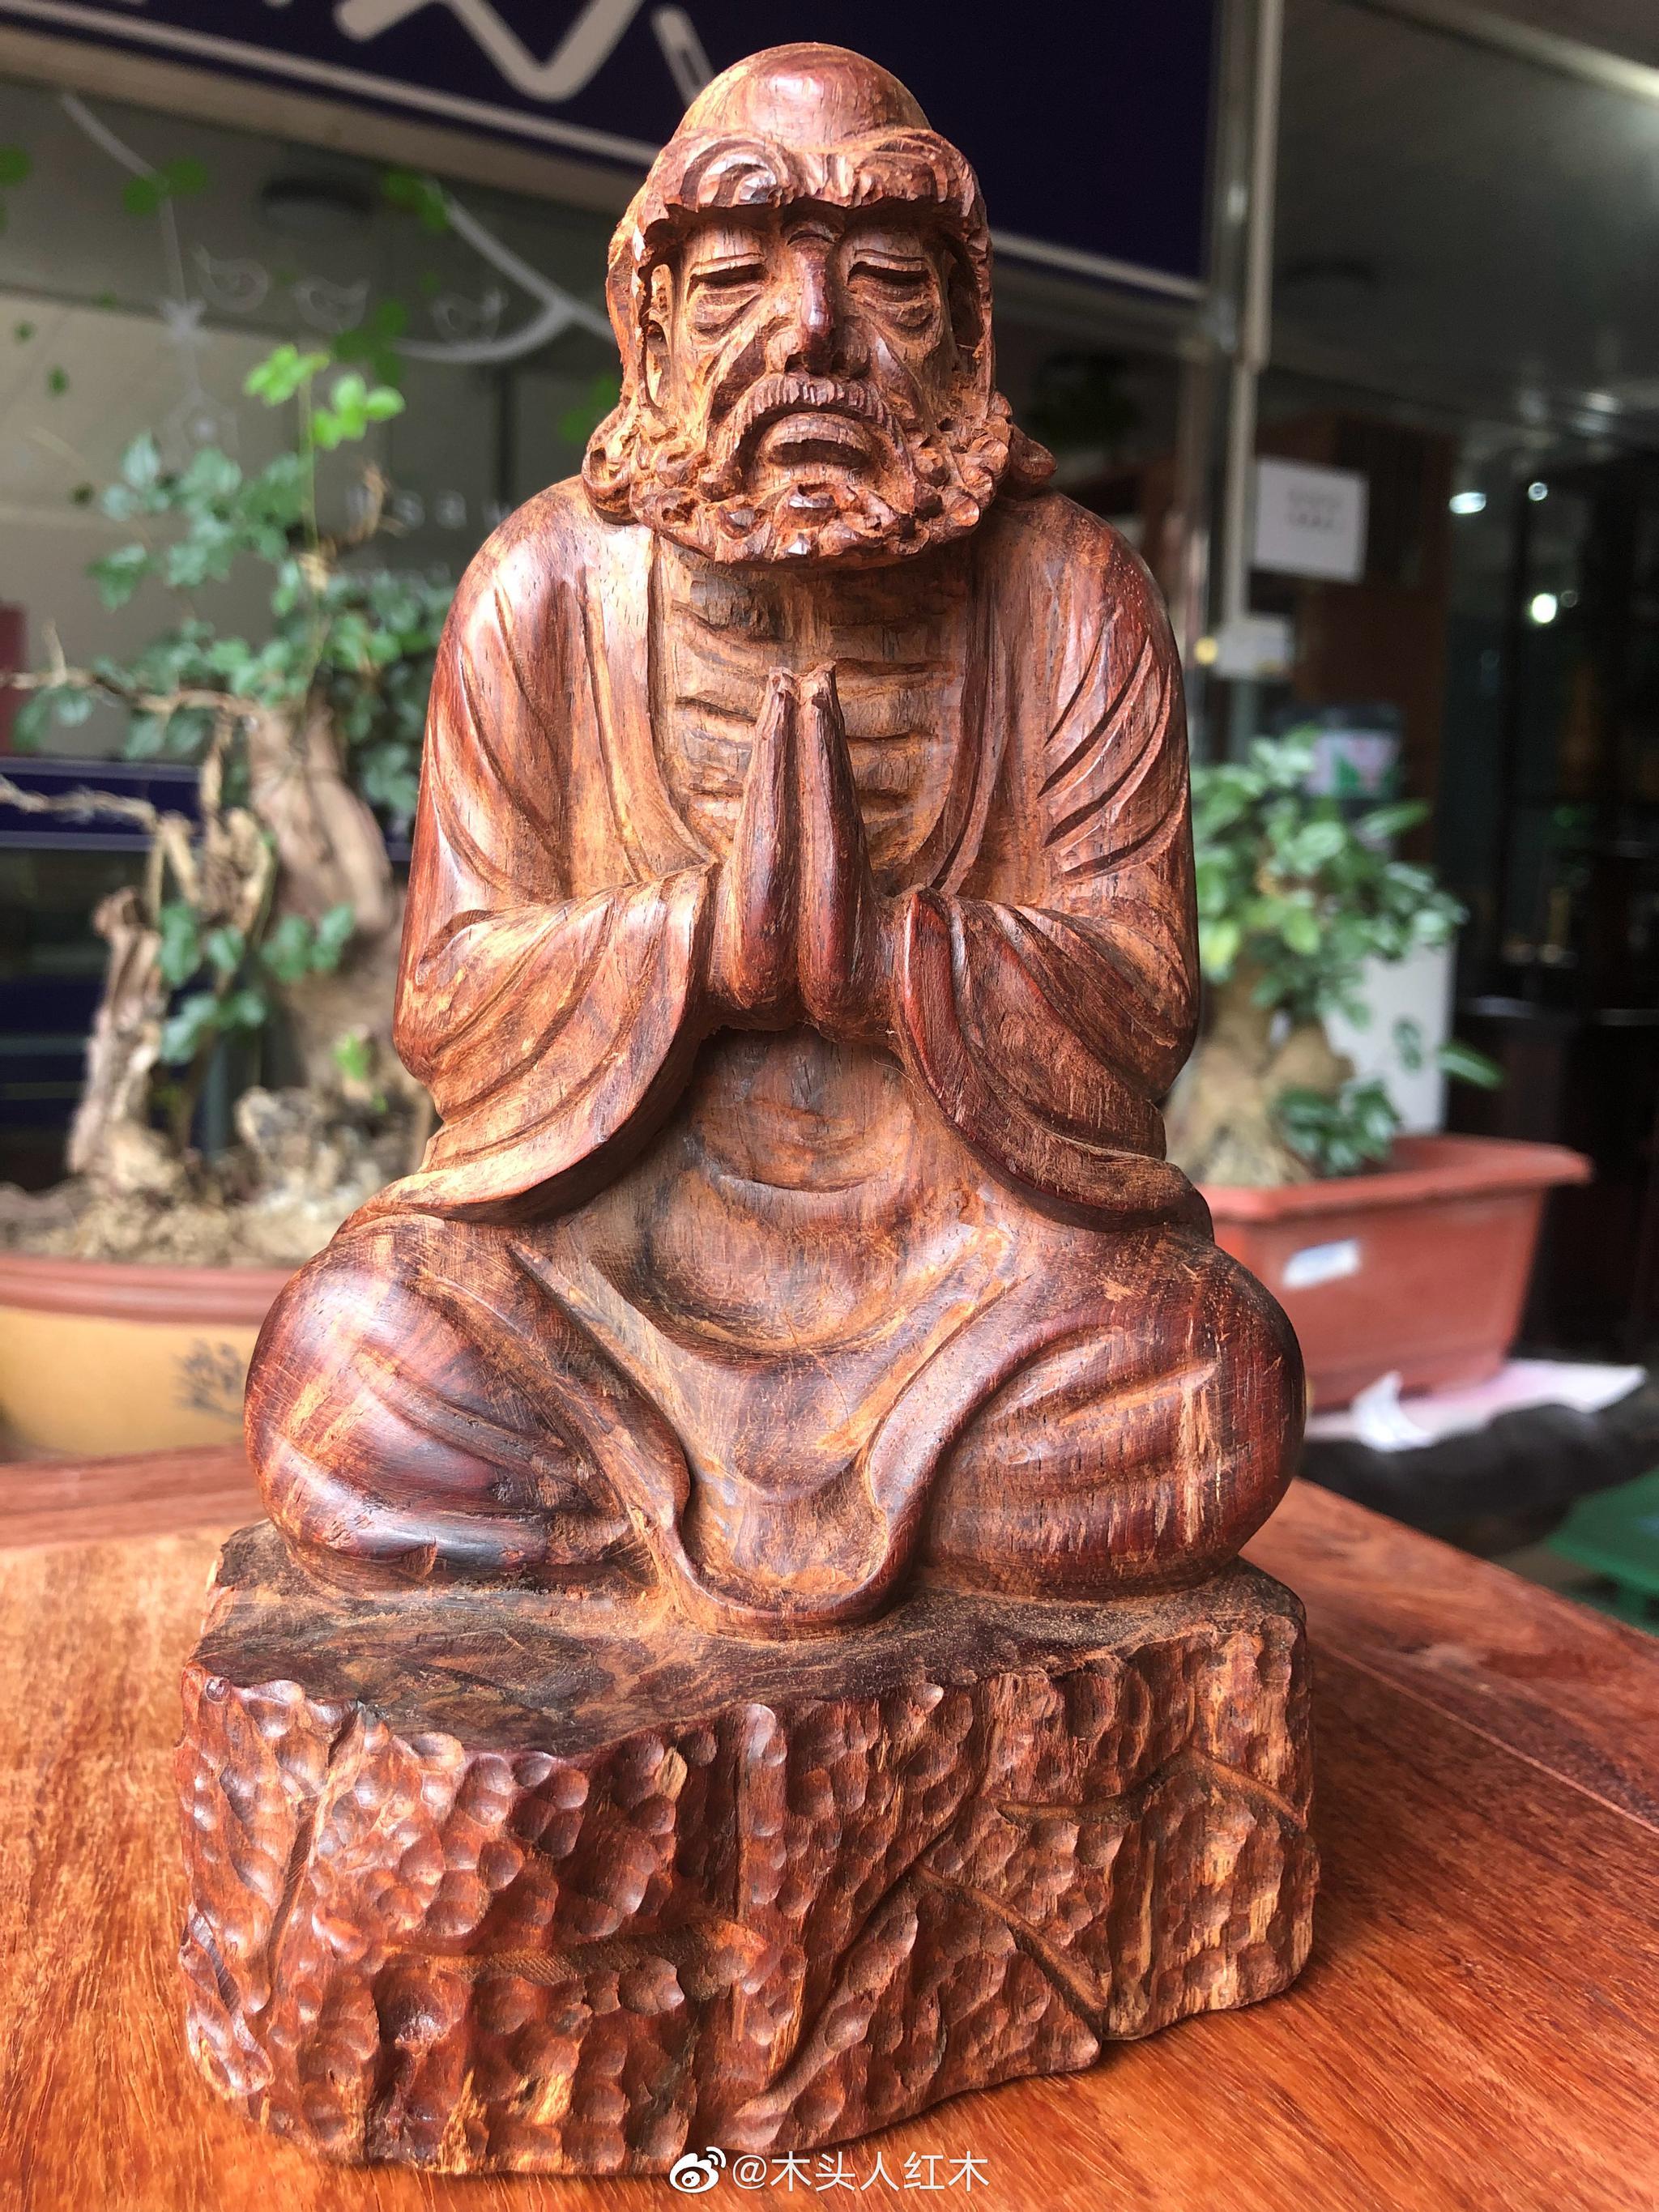 大红酸枝全手工木雕达摩20cm高,再细抛光打磨打蜡包邮750元。手快有